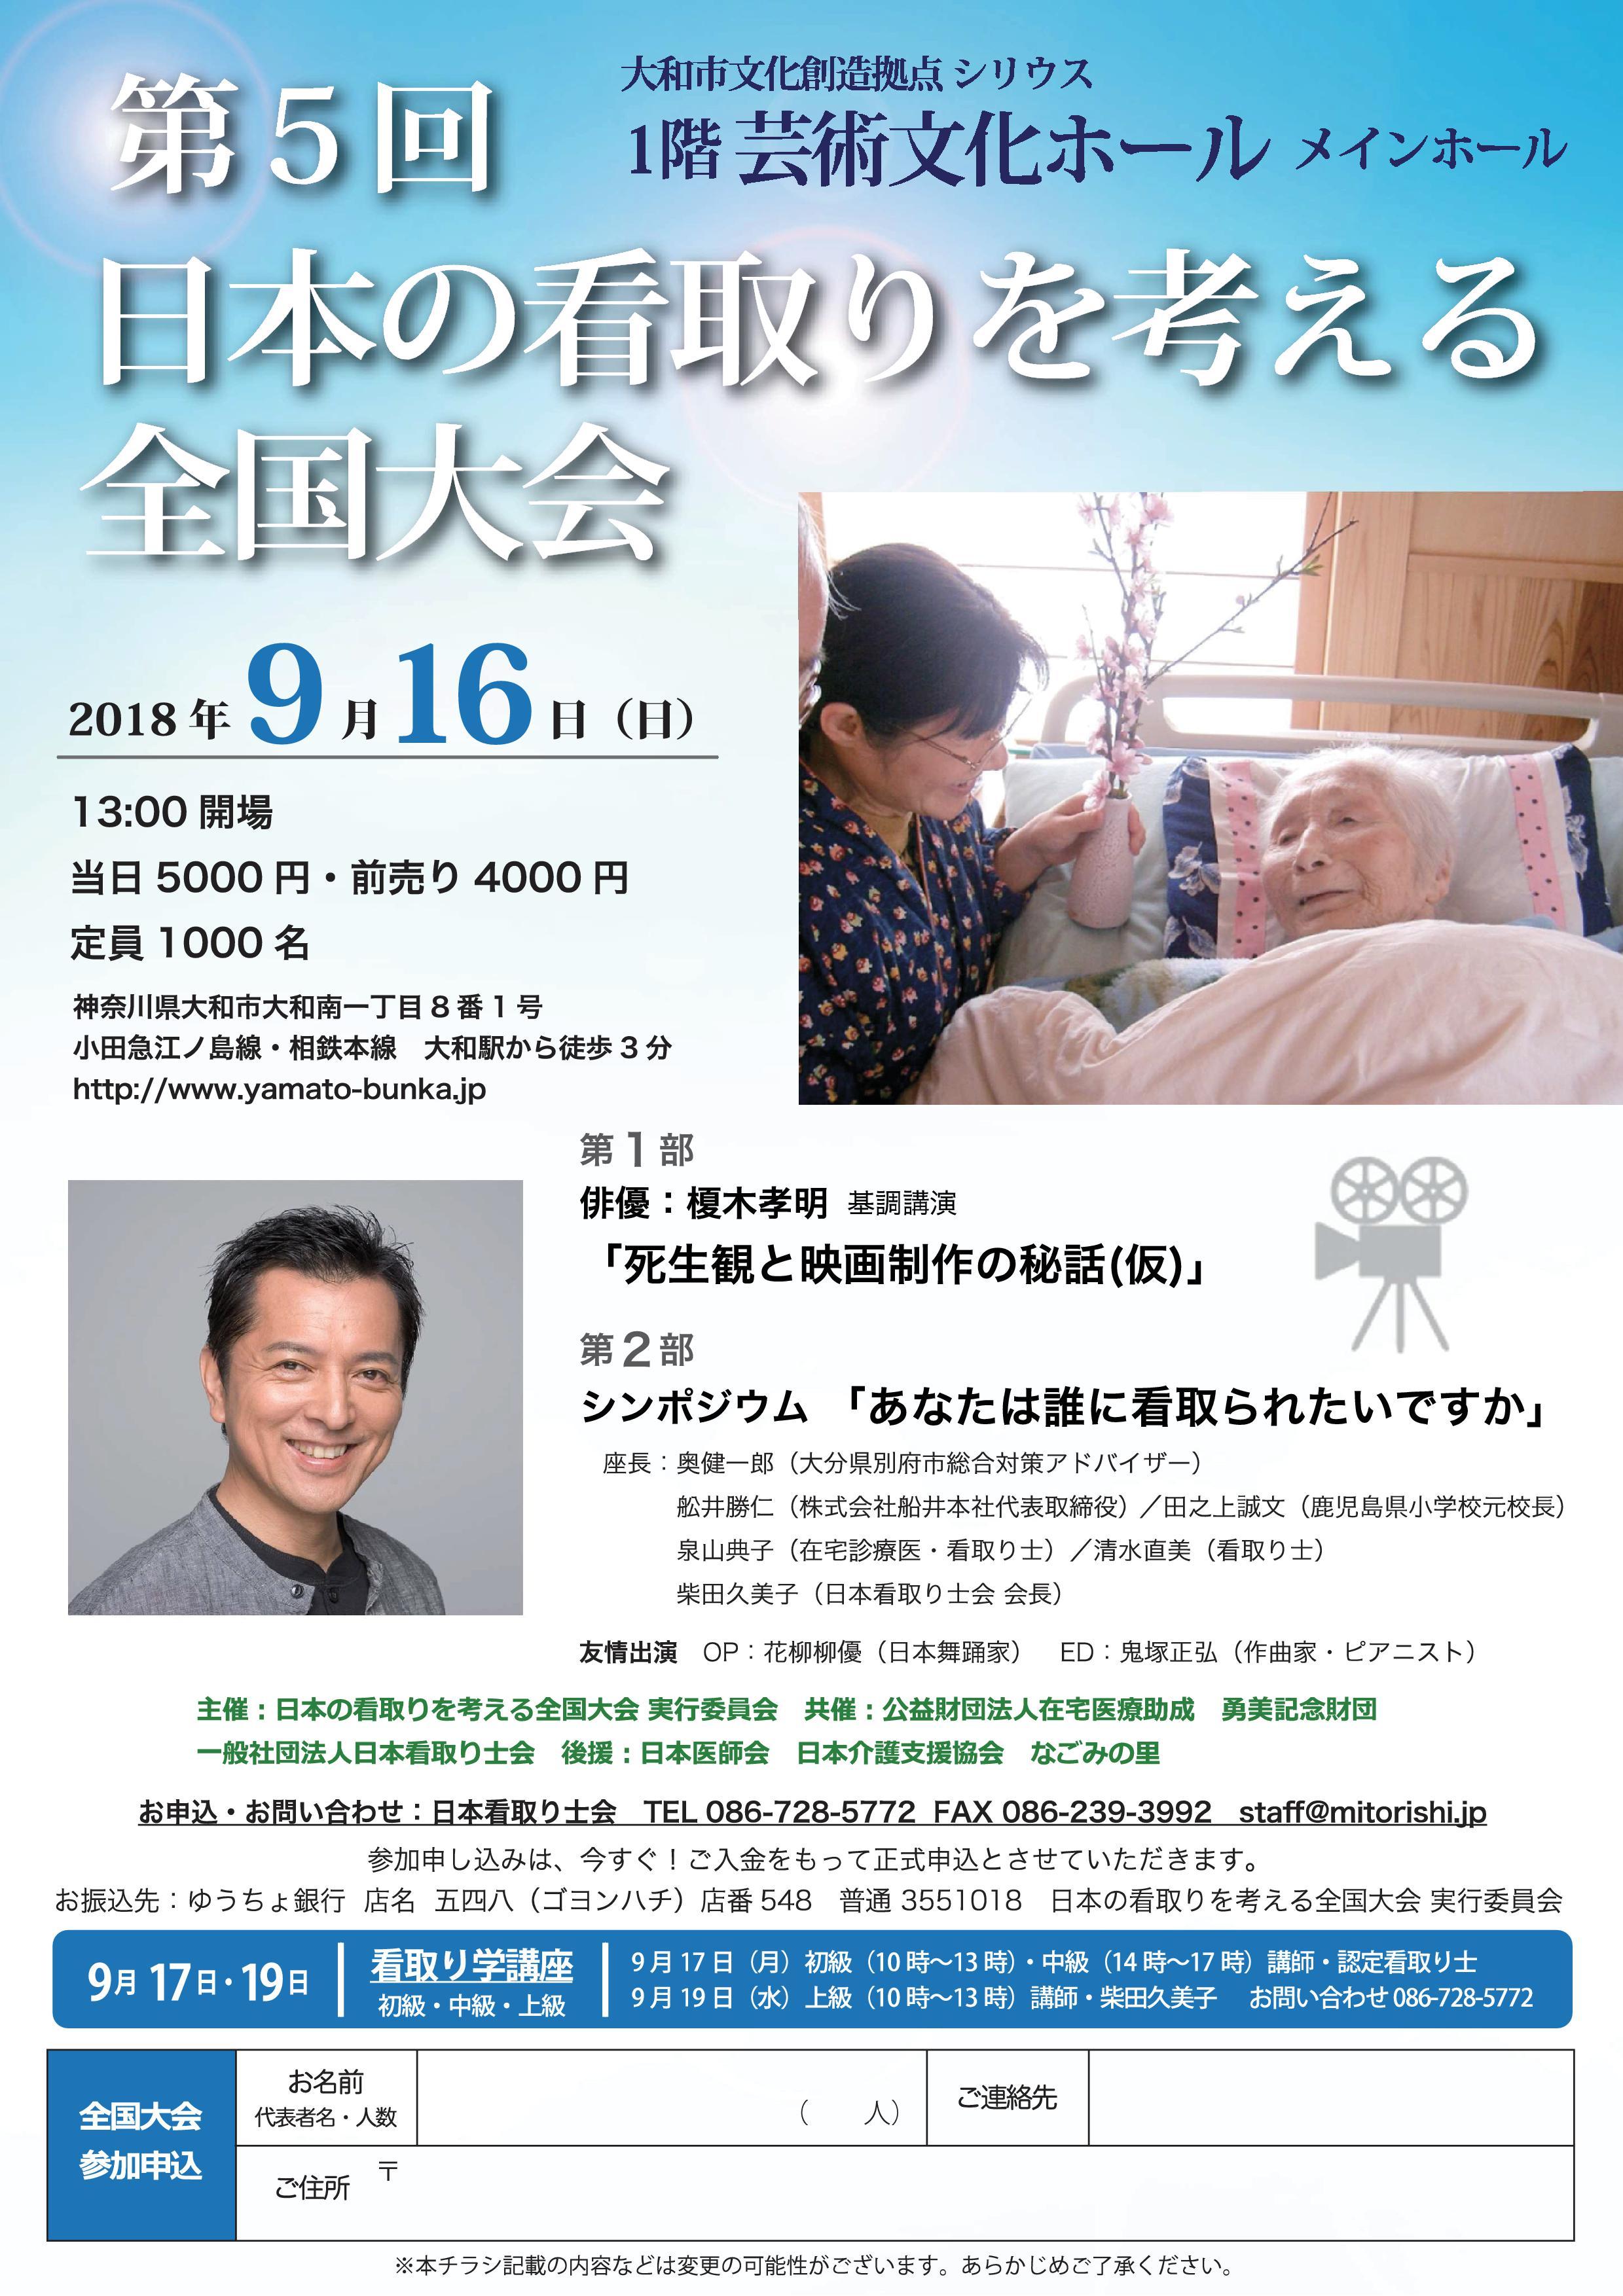 第5回 日本の看取りを考える全国大会 @ 大和市文化創造拠点シリウス 1F芸術文化ホールメインホール   大和市   神奈川県   日本